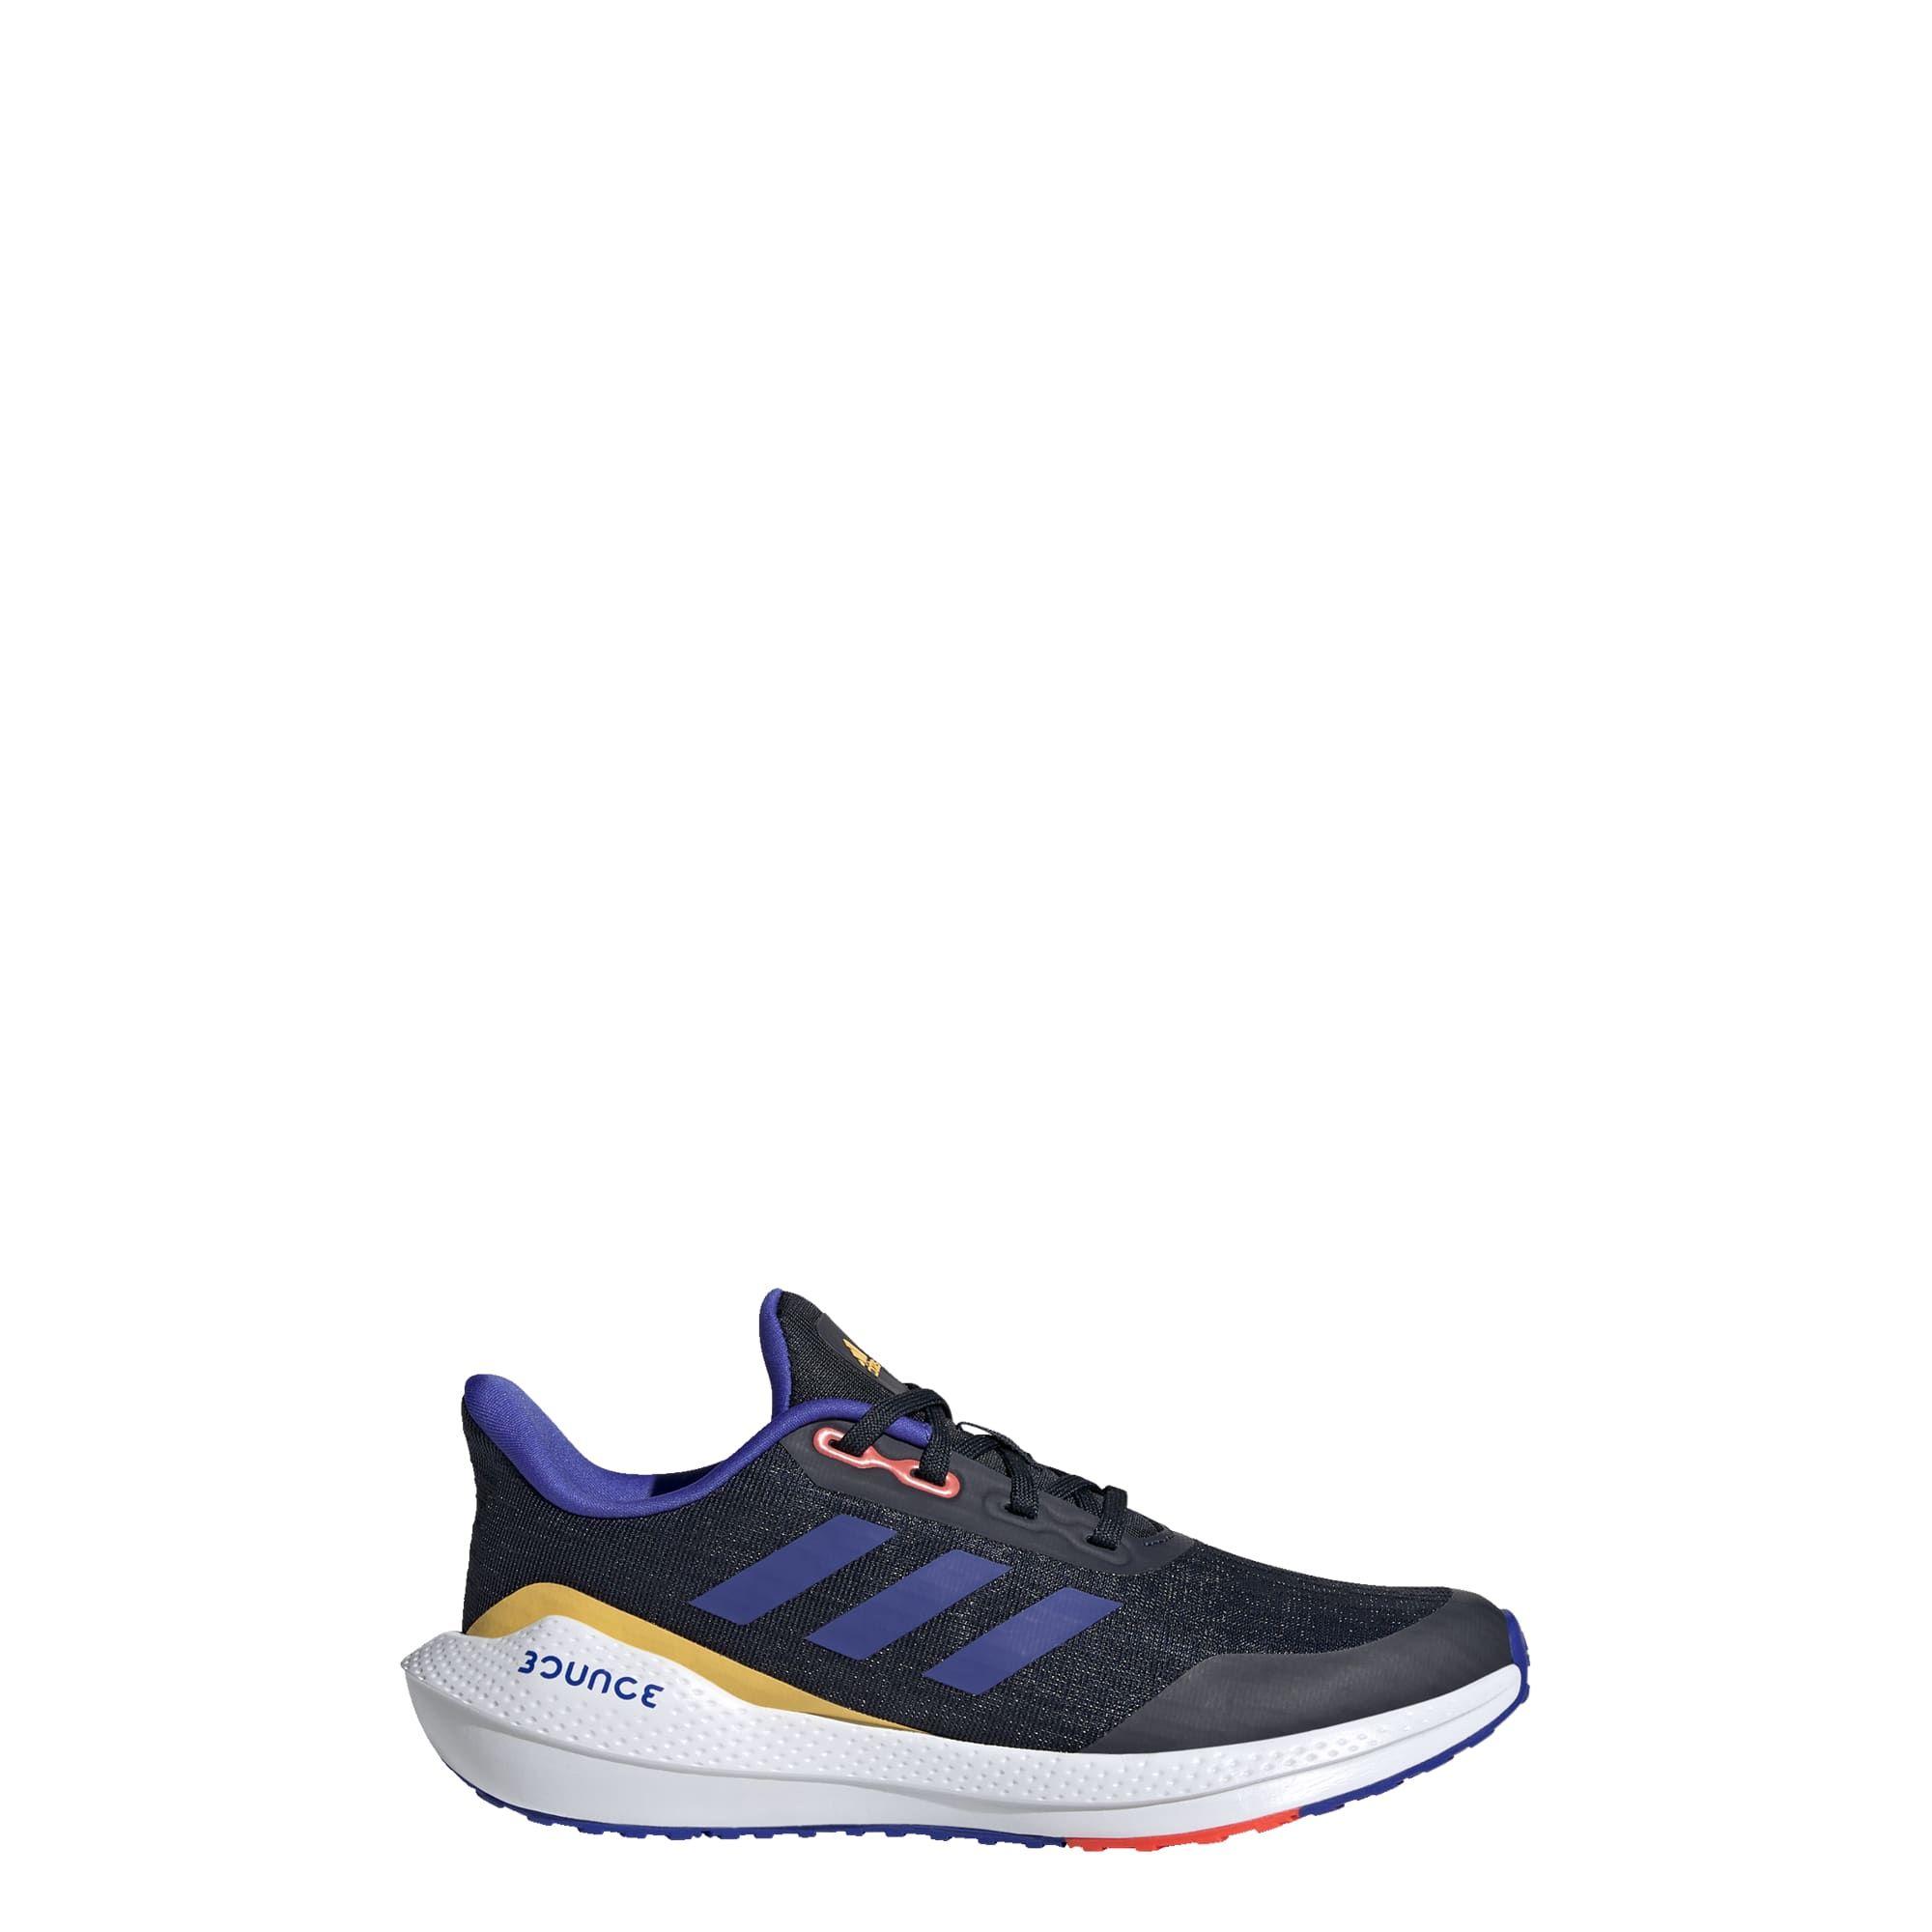 adidas EQ21 Run Schoenen Kids Blauw Wit